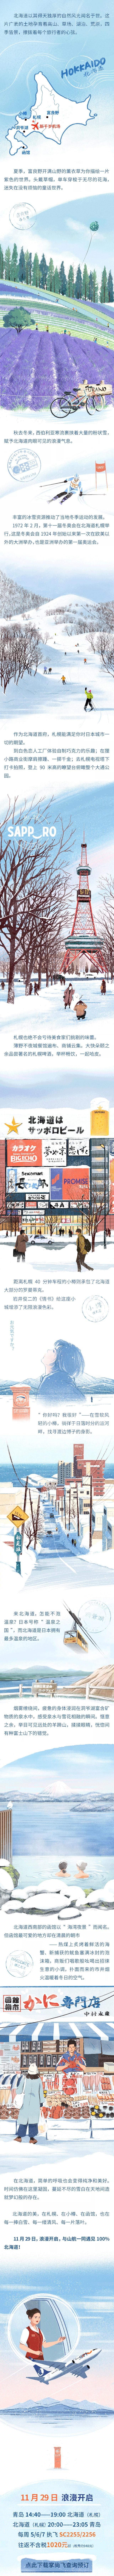 山东航空北海道(札幌)国际航线宣传